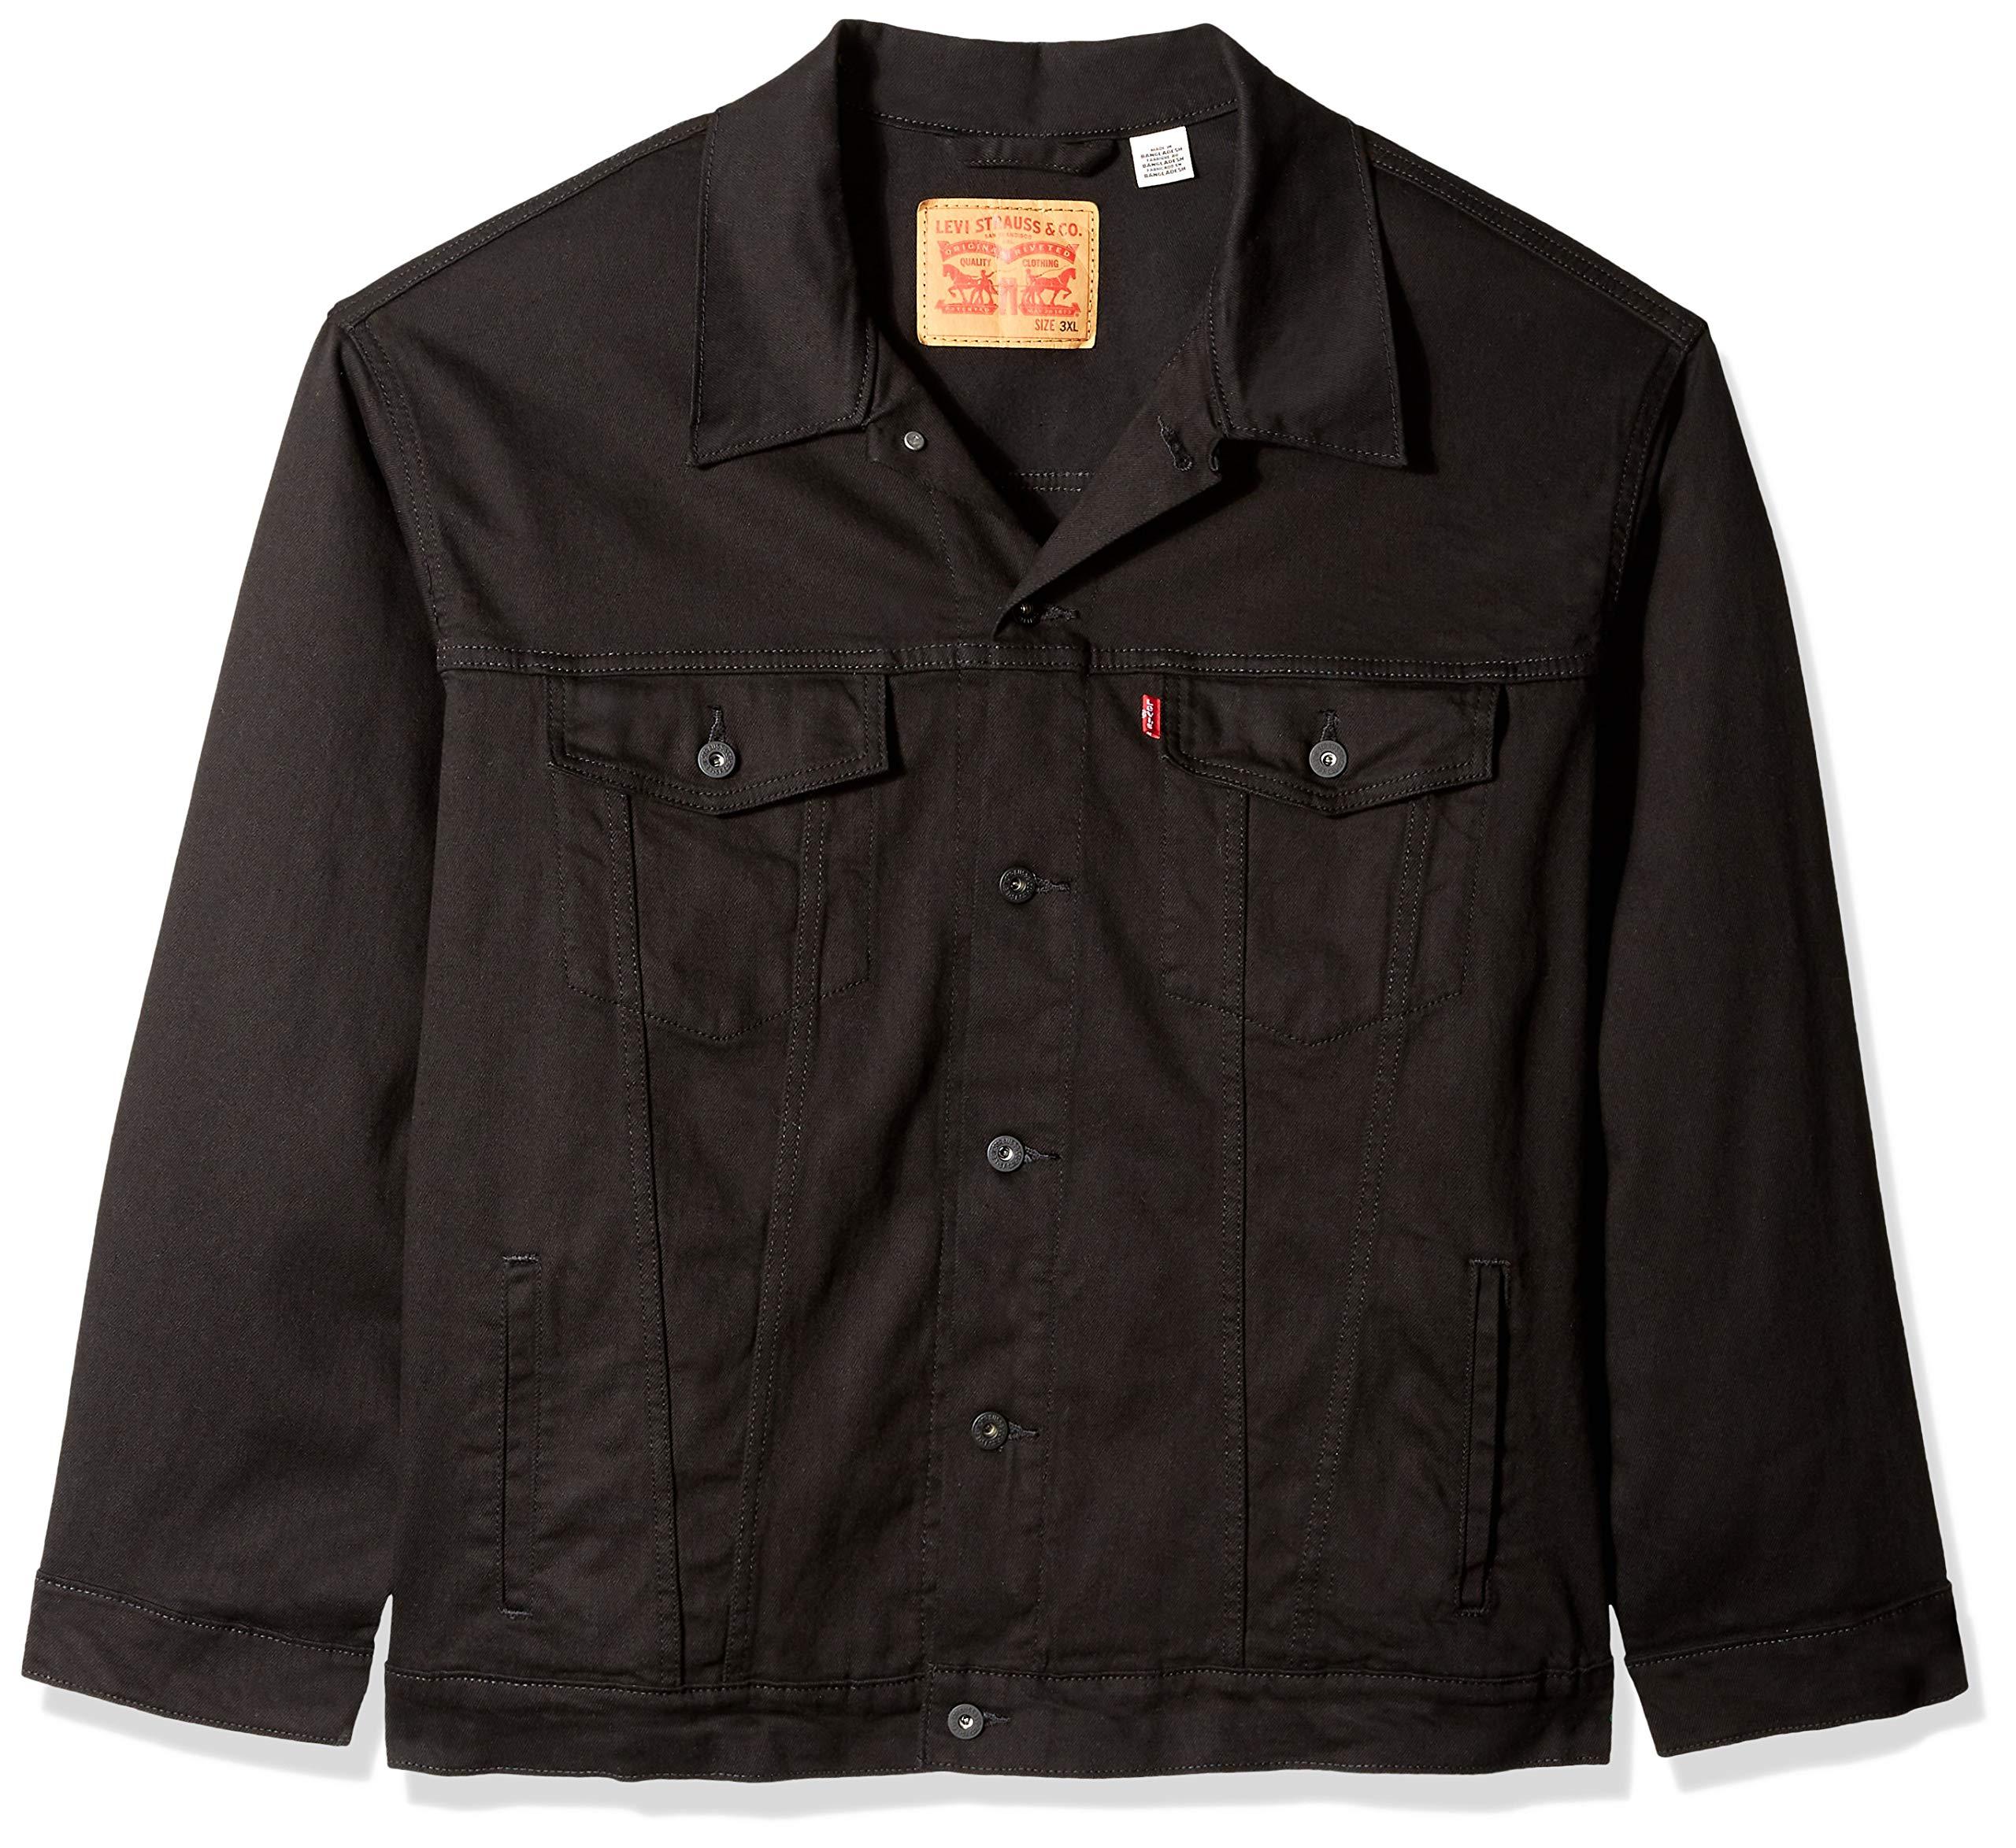 Levi's Men's Big and Tall Big & Tall Trucker Jacket, larimar/Stretch, 6XL by Levi's